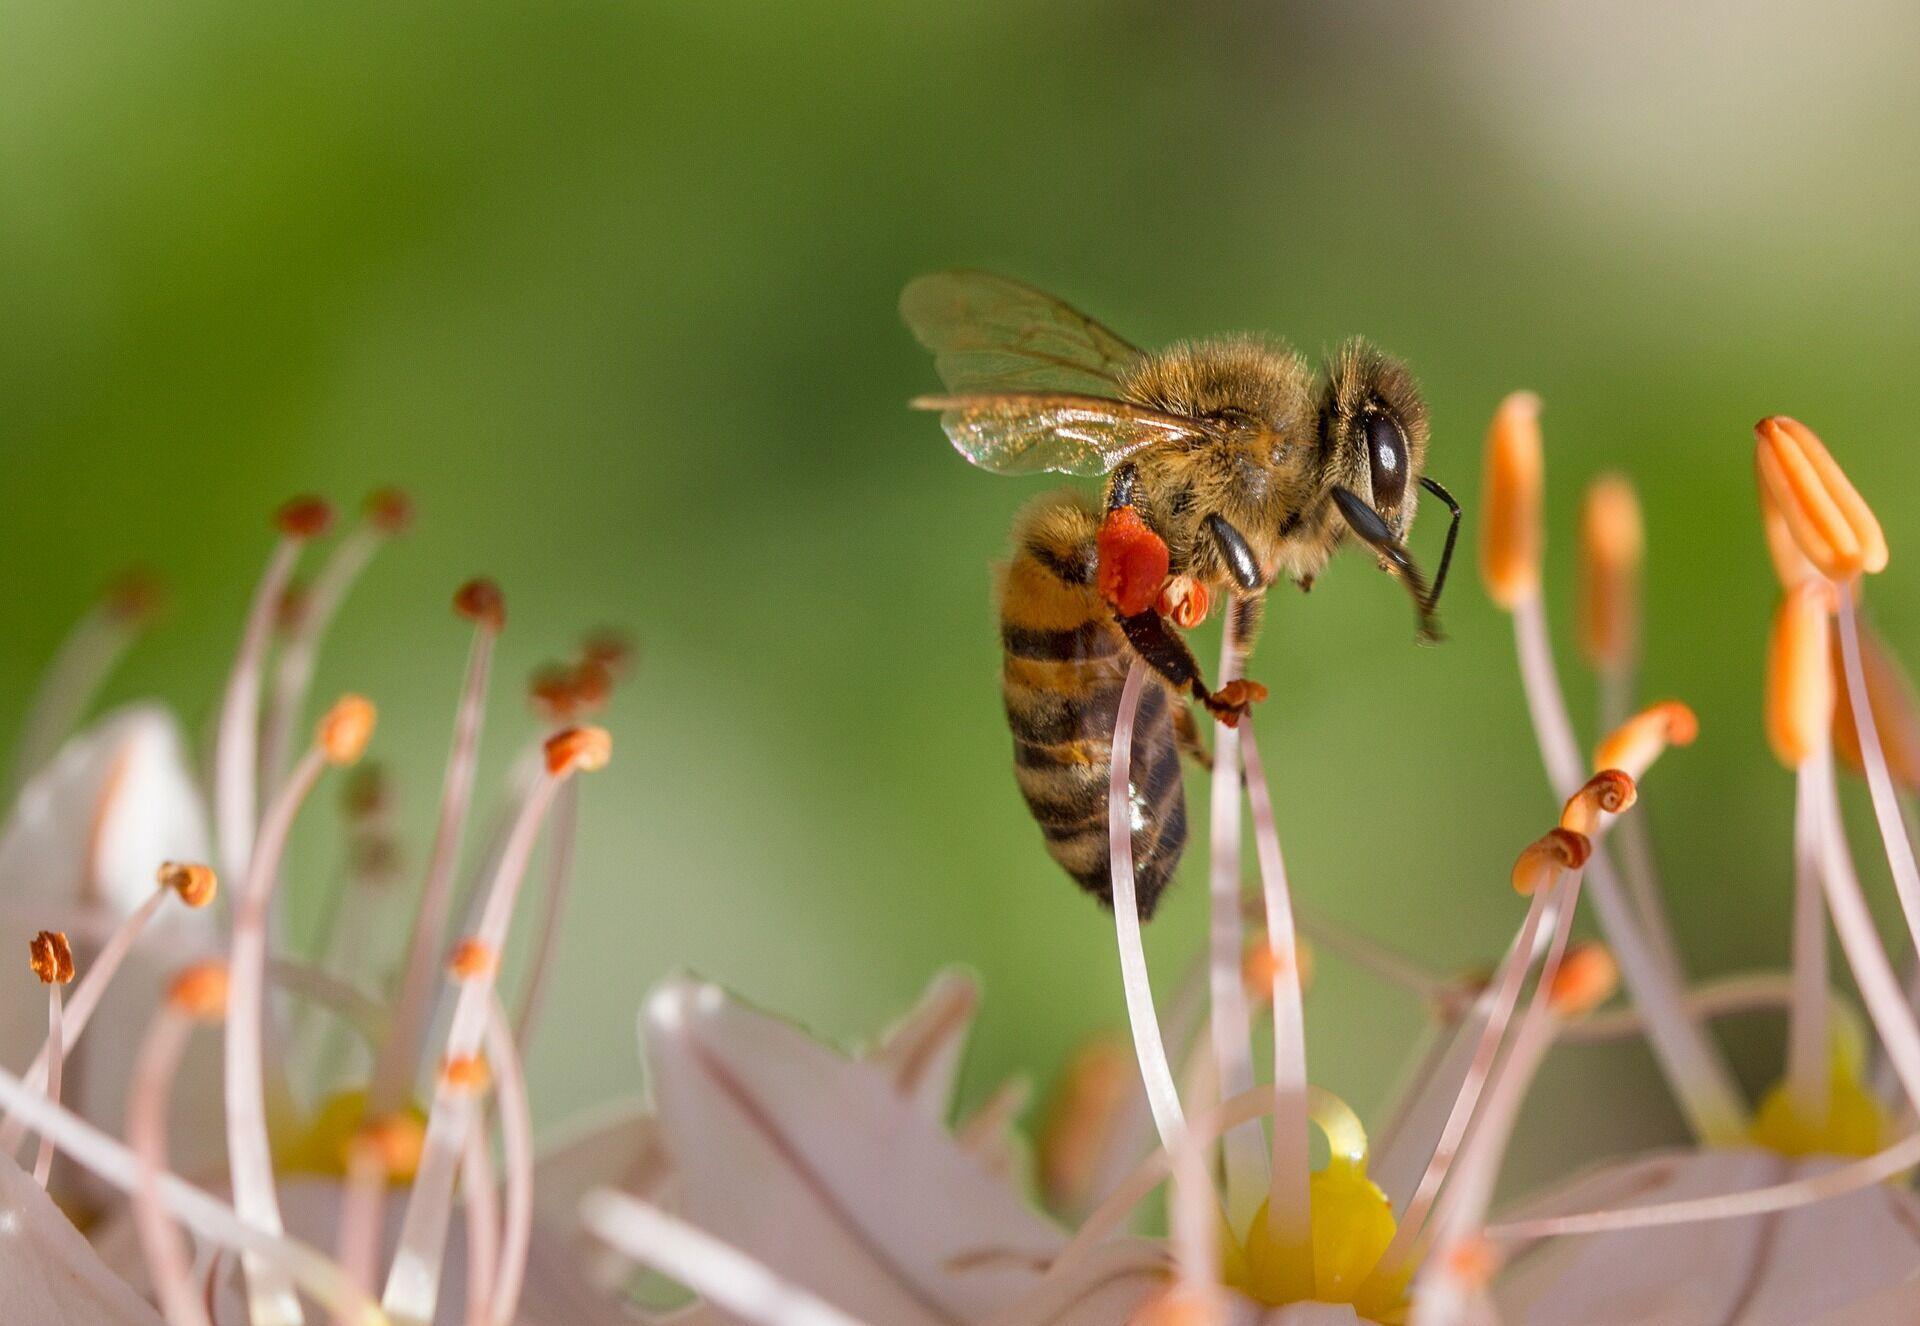 В особо тяжелых случаях укус пчелы может вызвать анафилаксию